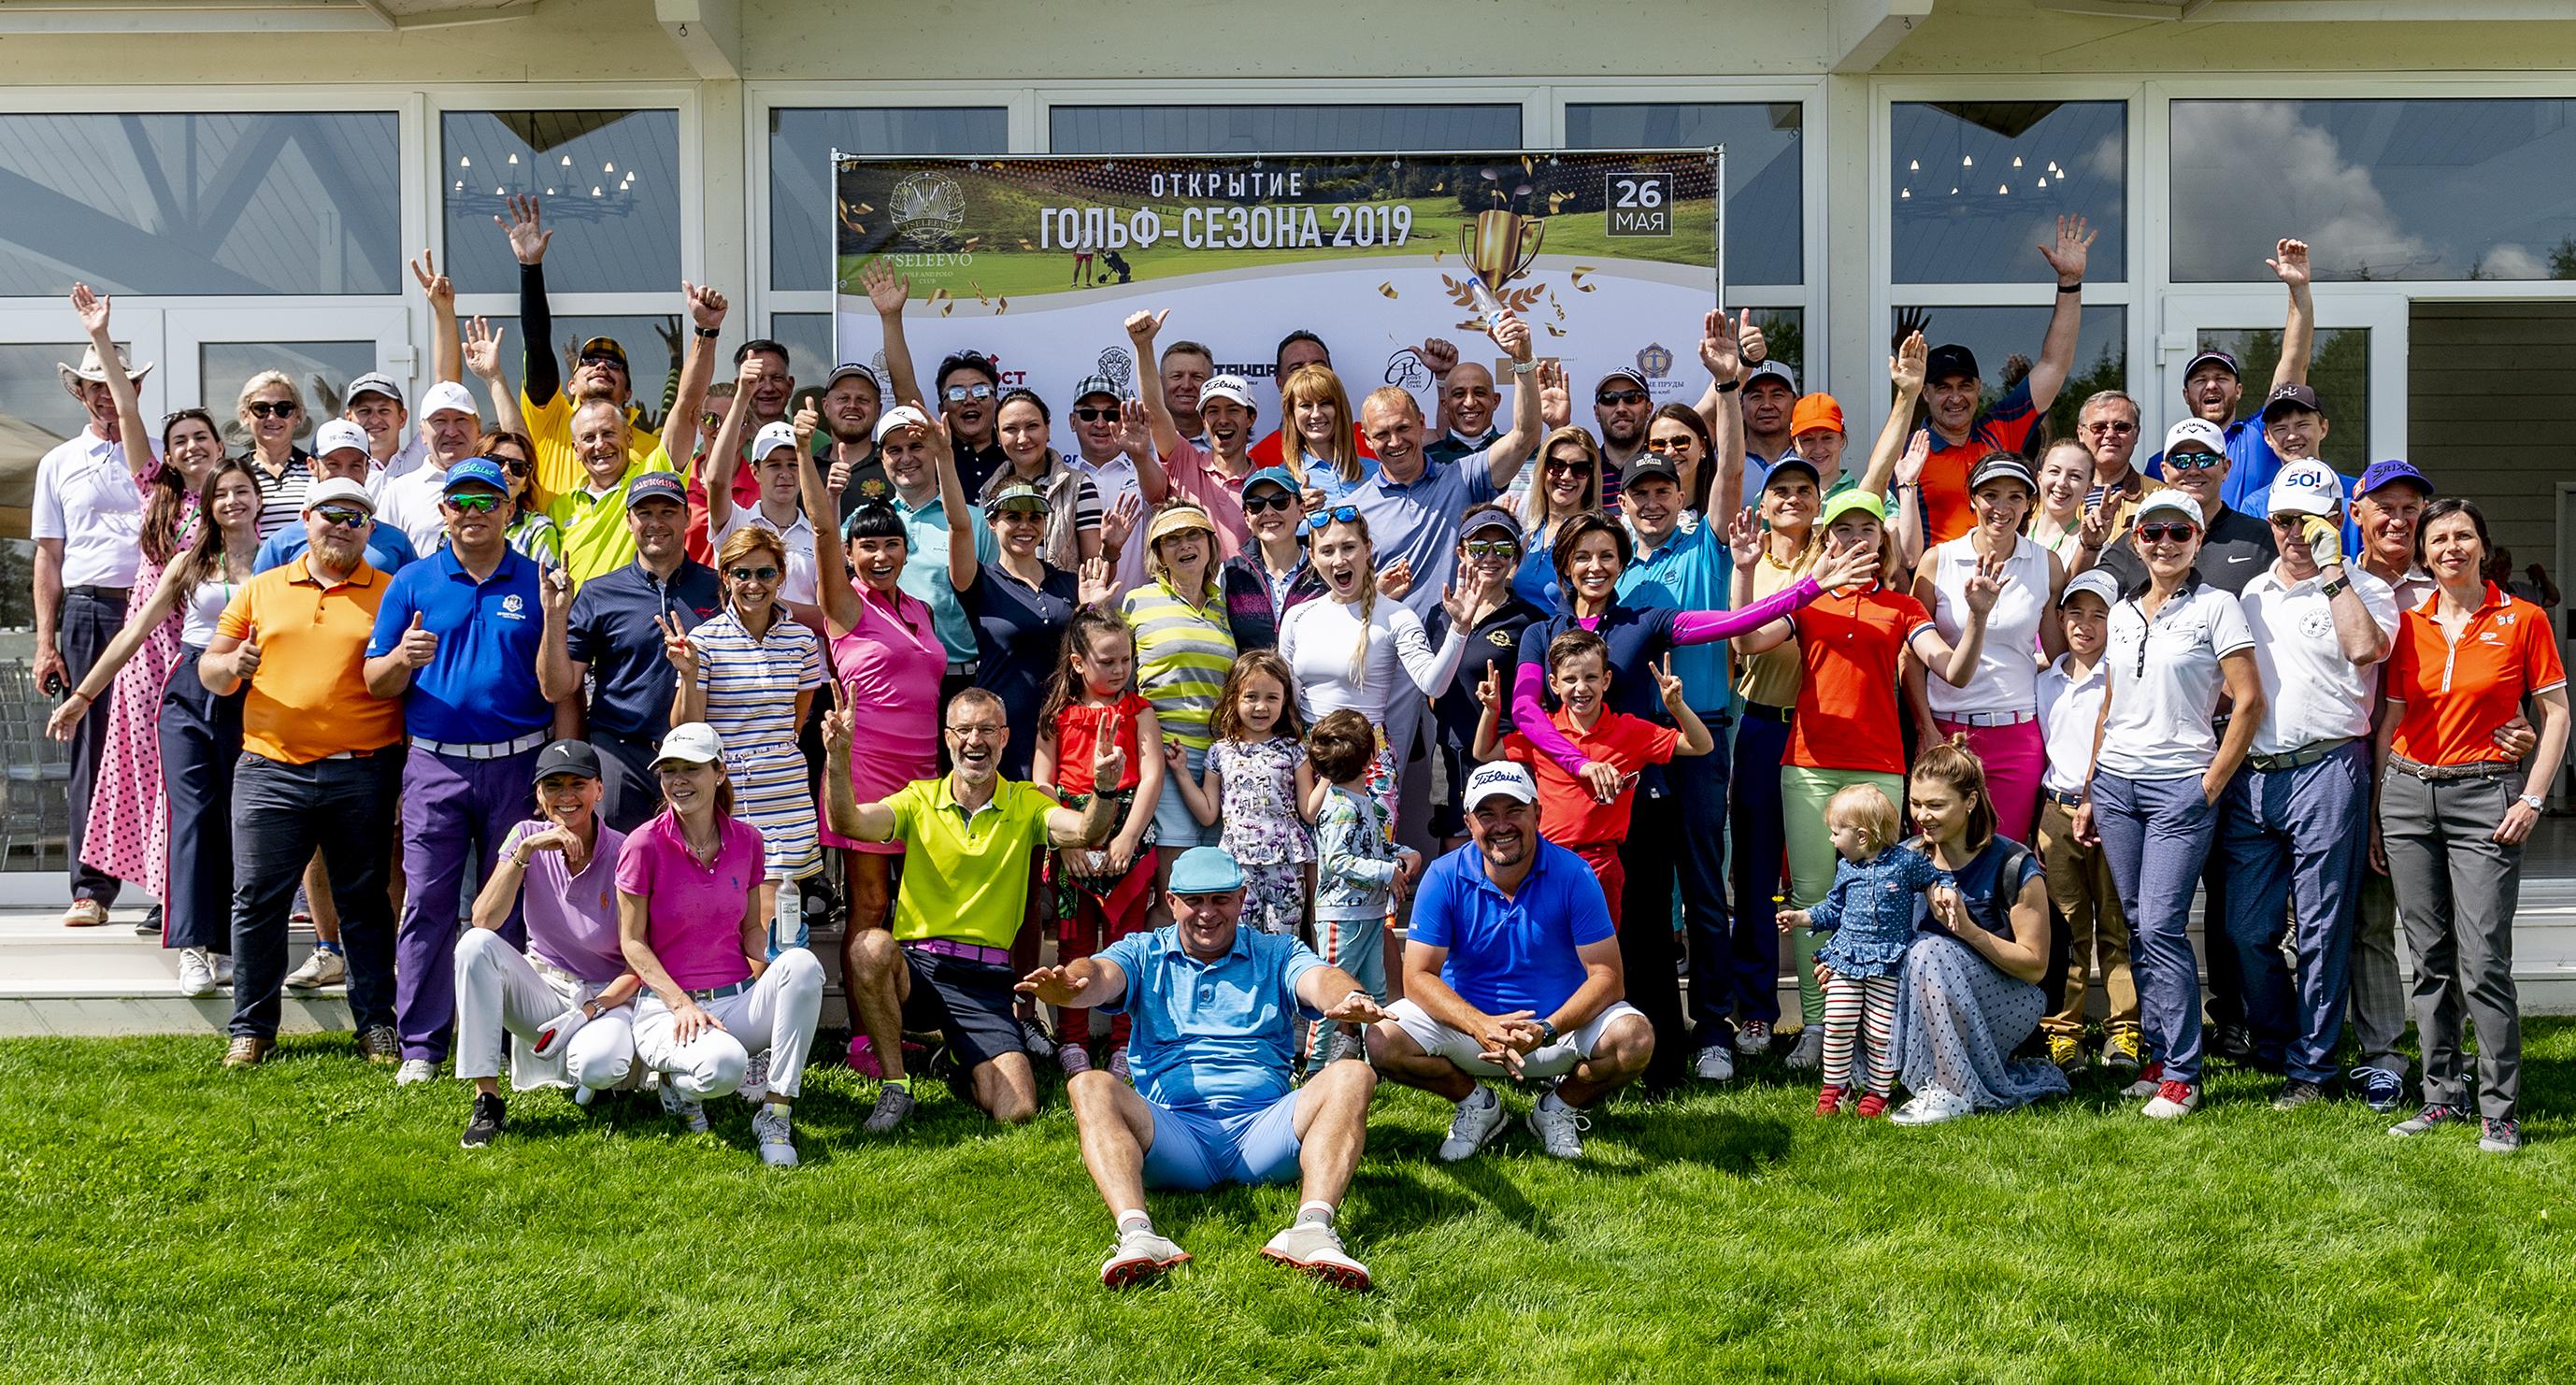 Открытие гольф-сезона 2019 в Целеево прошло при поддержке HONKA